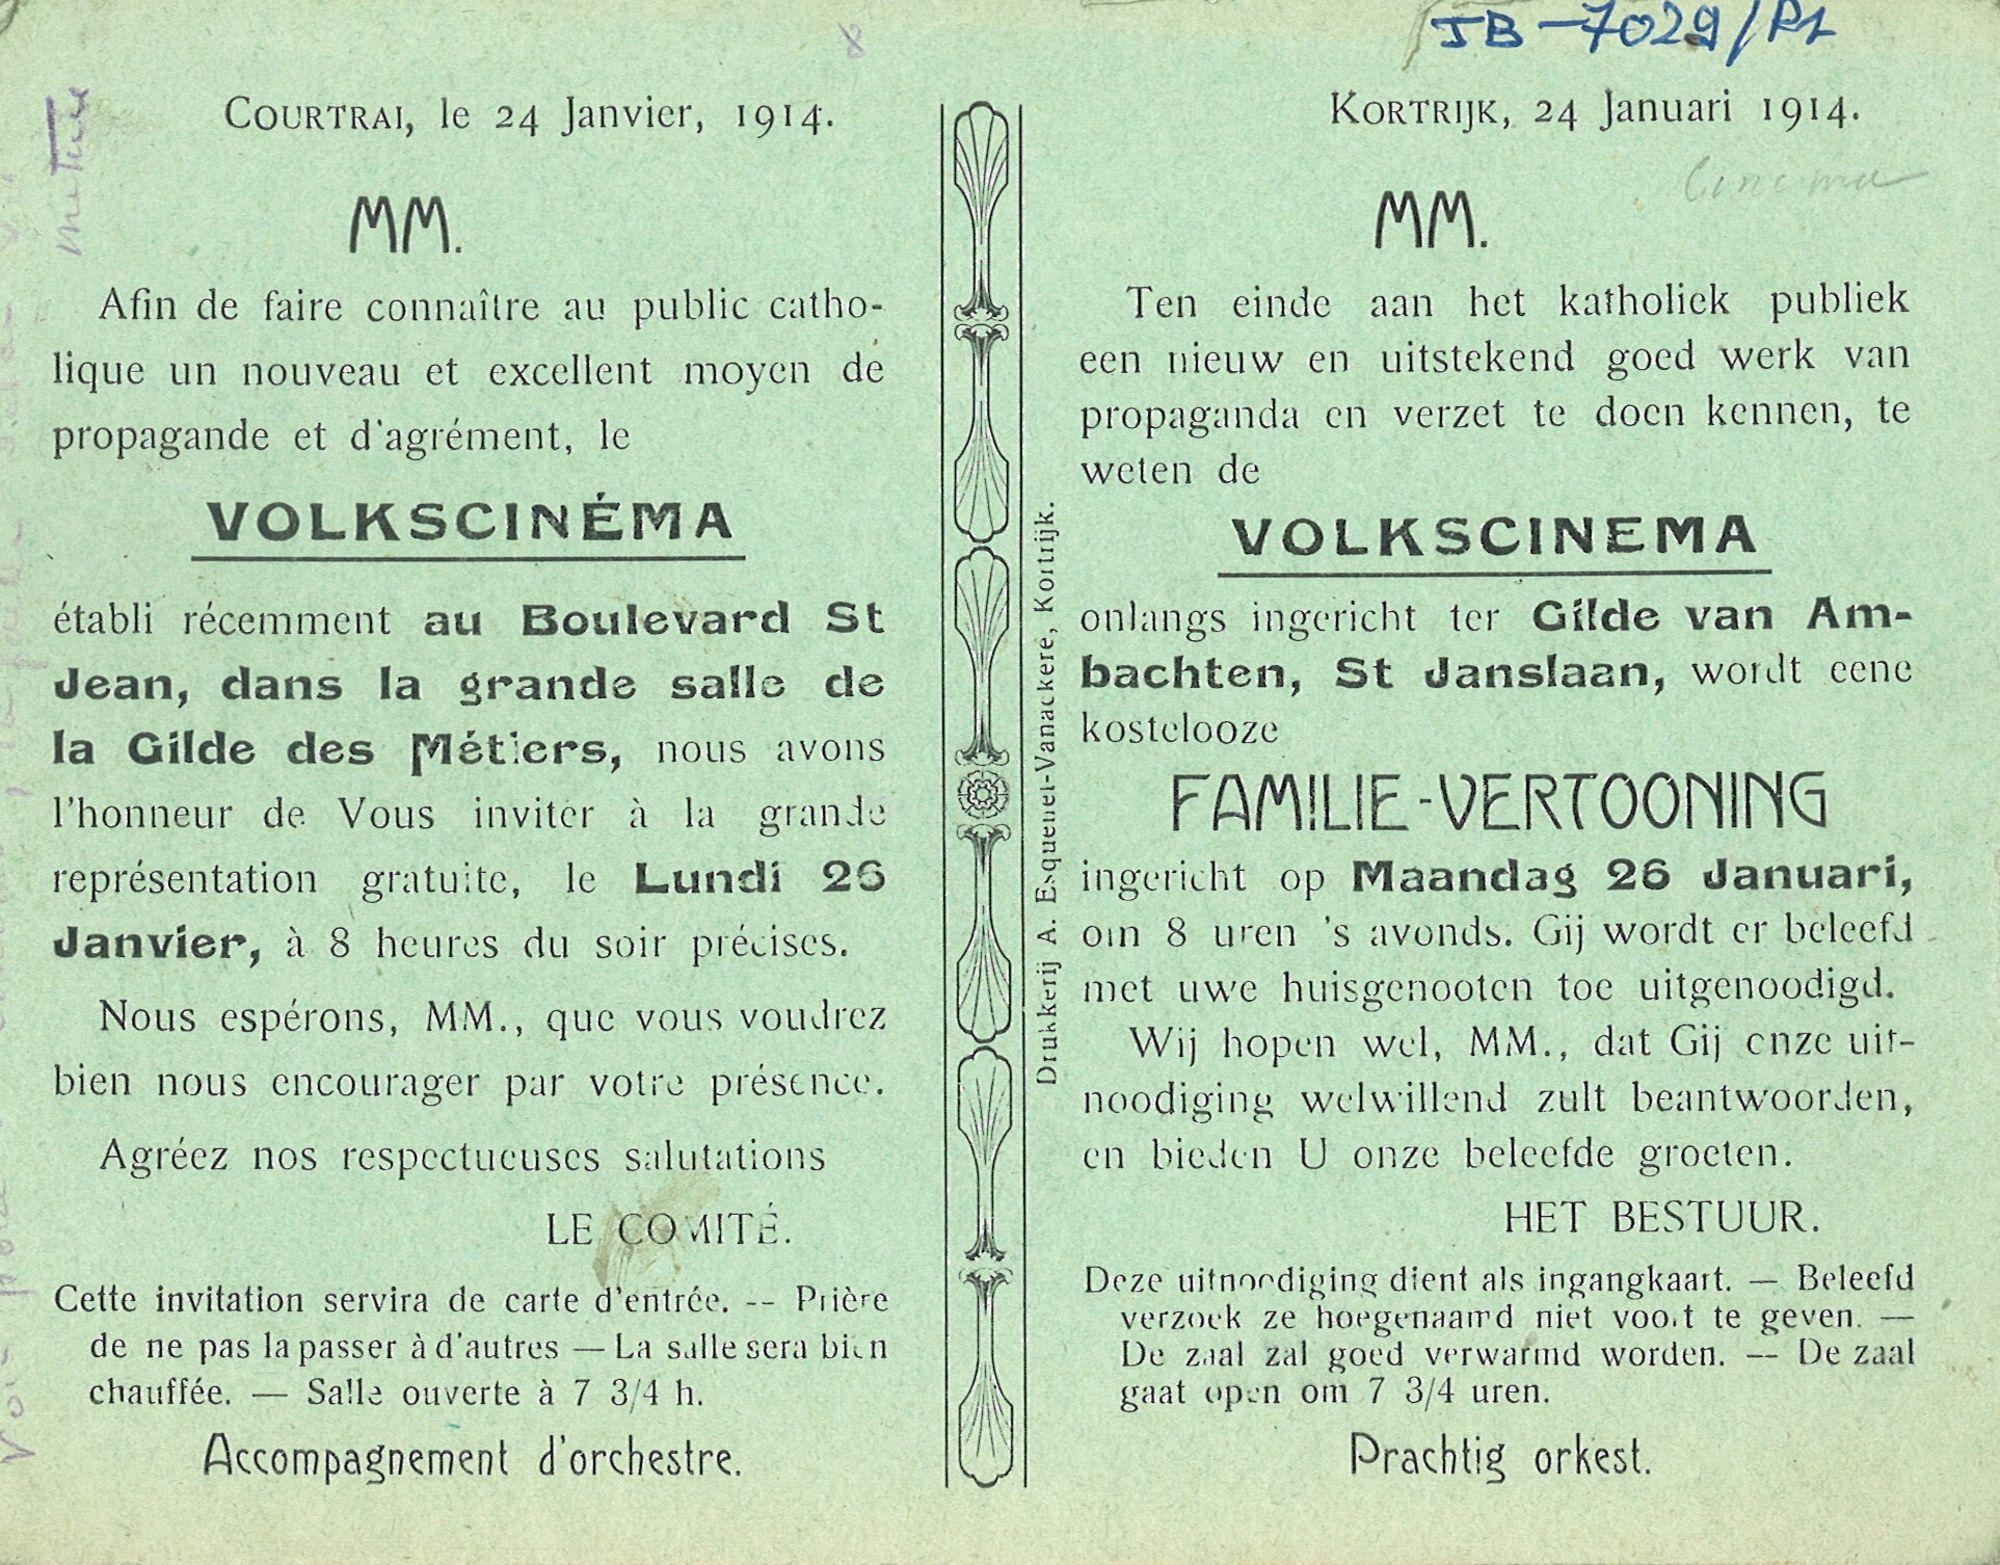 Volkscinema in 1914